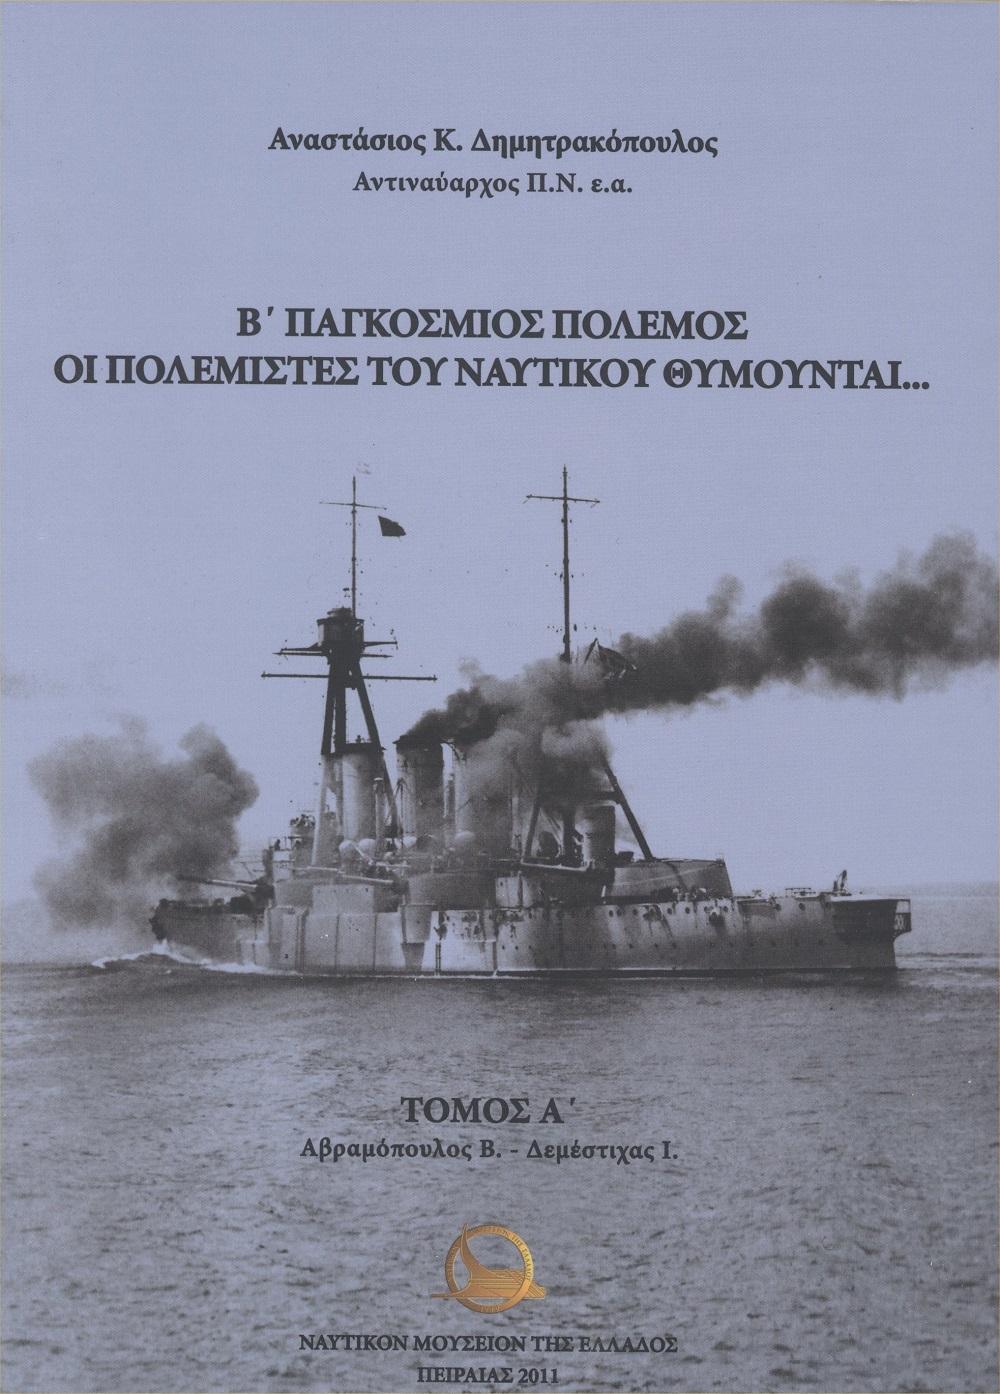 Εύφημος μνεία της Ακαδημίας Αθηνών σε έκδοση του Ν.Μ.Ε.